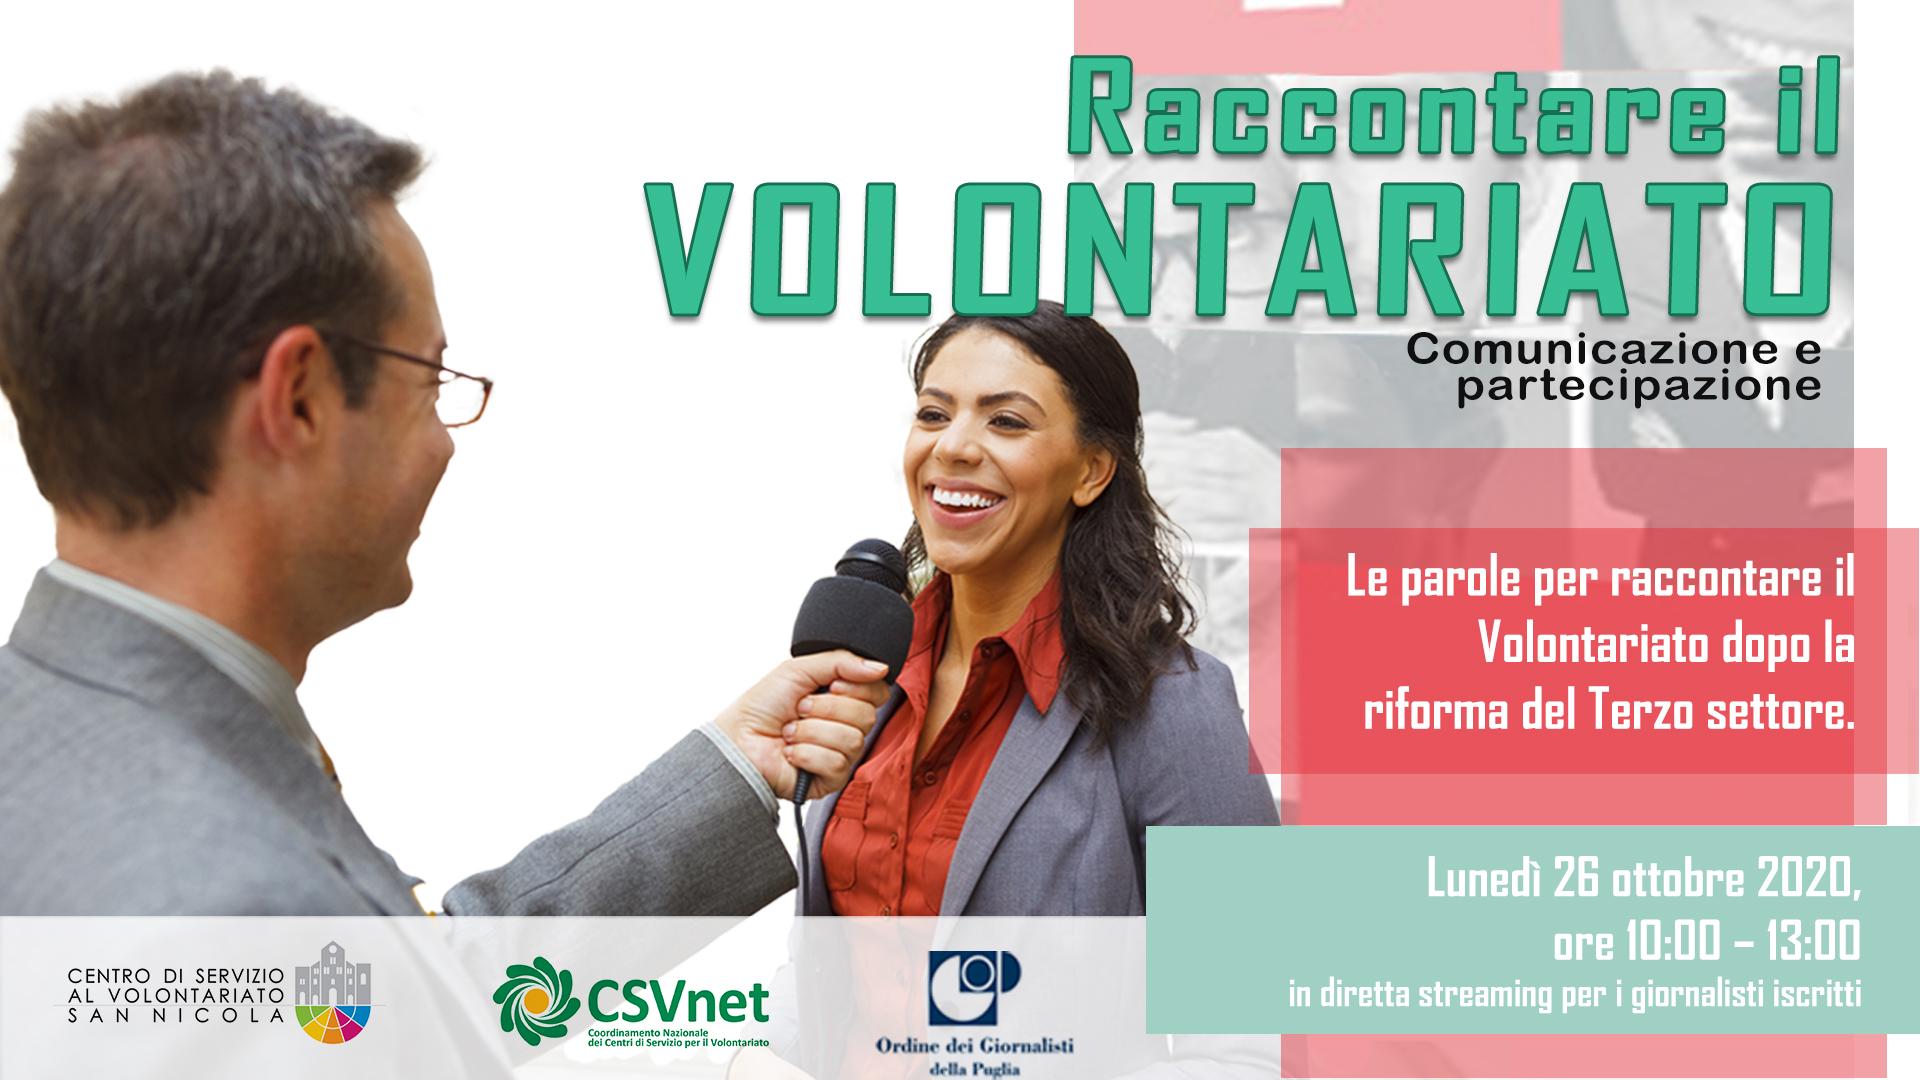 Copertina Le parole per raccontare il Volontariato dopo la riforma del Terzo settore